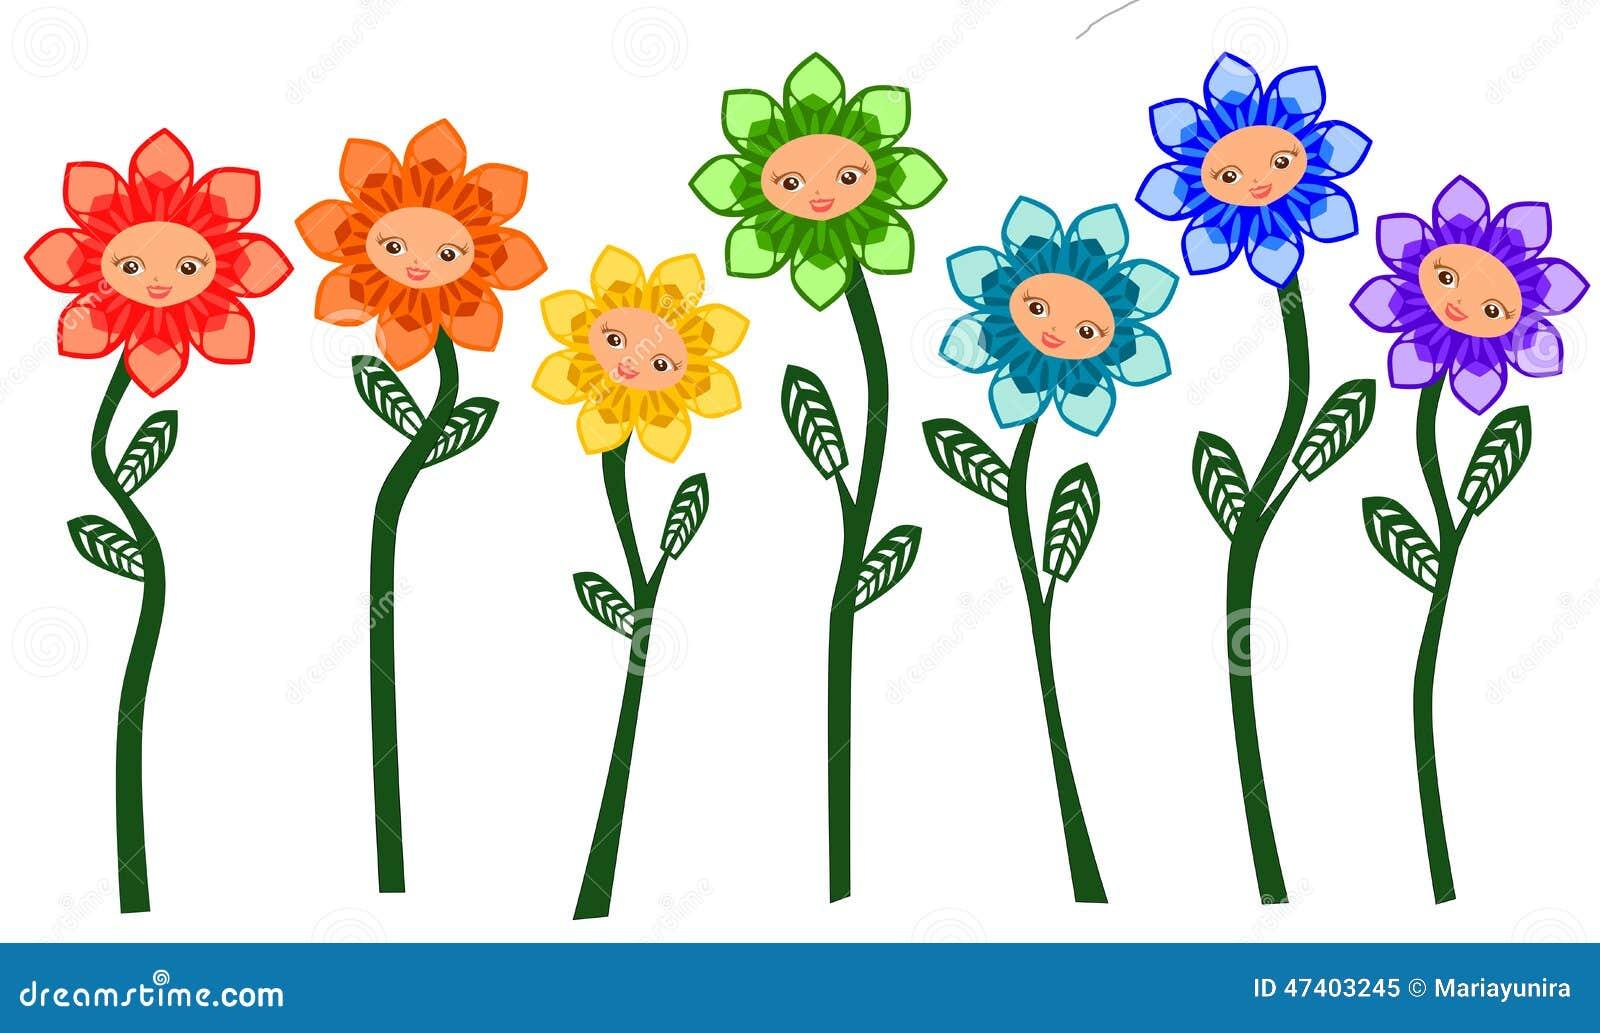 Rainbow Flowers cute face cartoon illustration vector isolated.